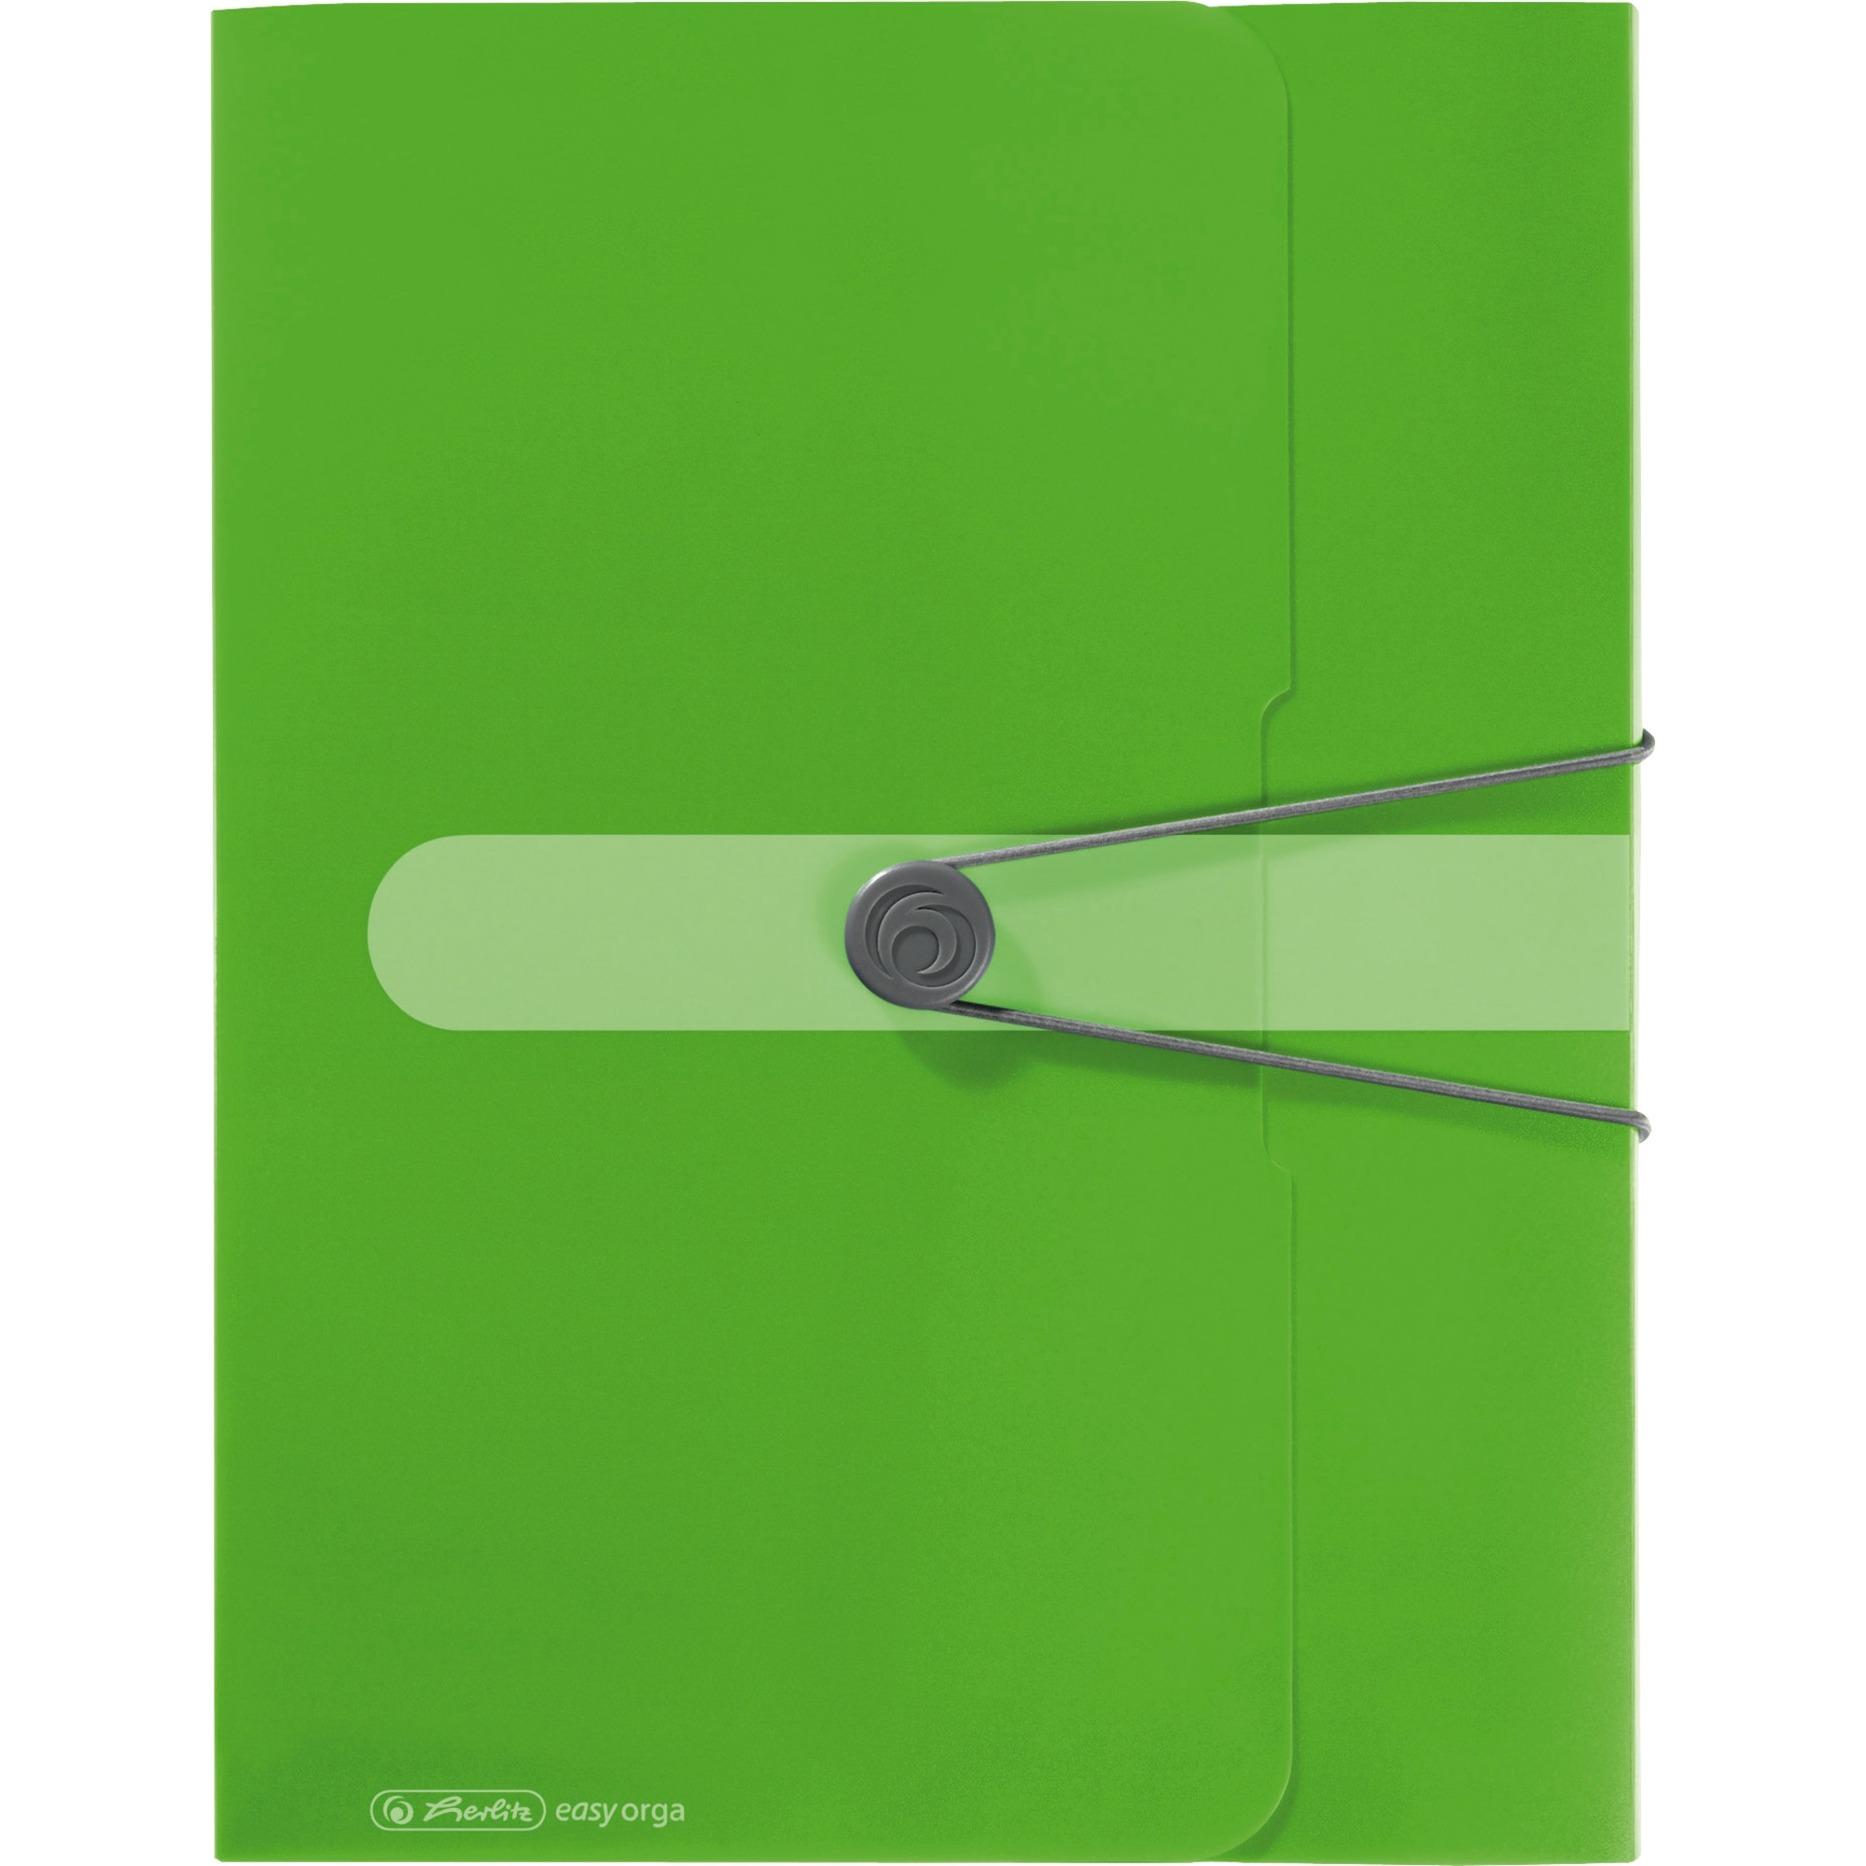 11206133 Polipropileno (PP) Verde carpeta